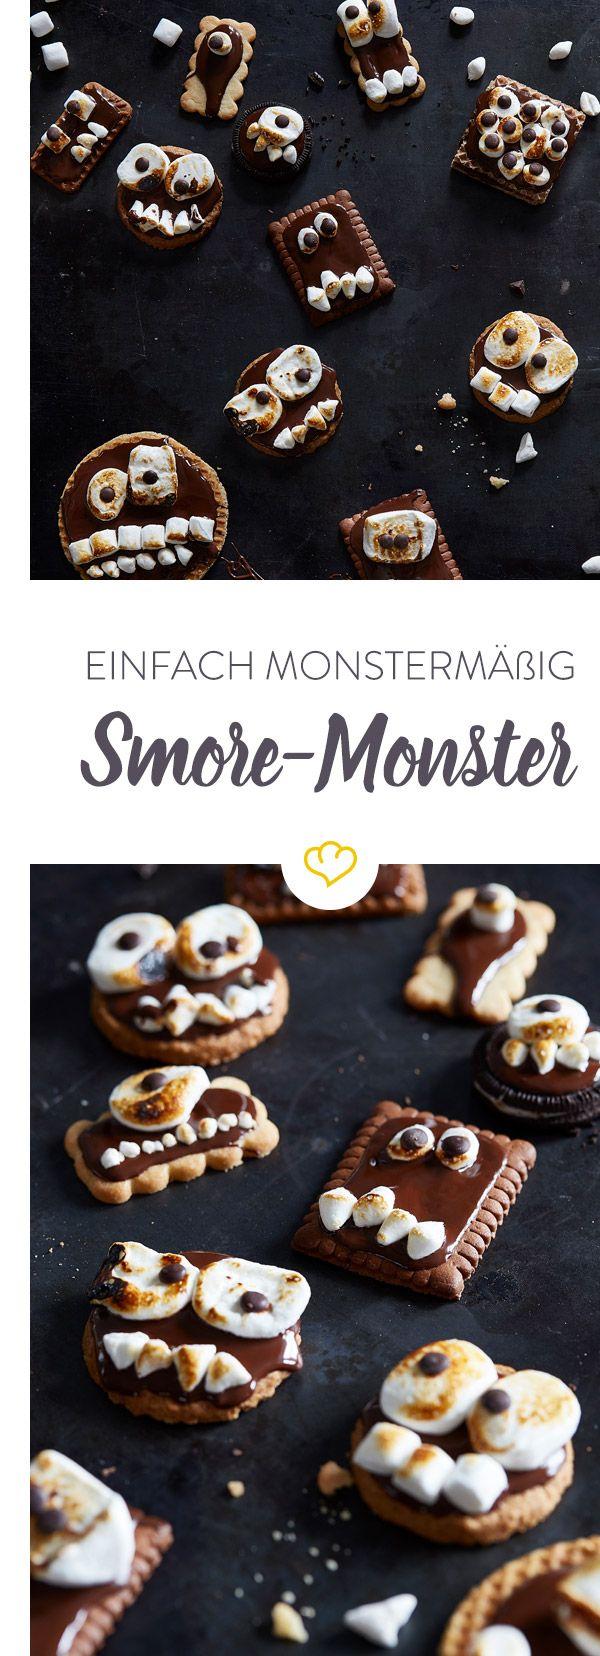 Ist es ein perfekter Vorwand für Kekse mit extra Schoko oder die süßeste Monster-Versuchung, die du je gesehen hast? Perfekt für die Kinder-Halloween-Party.